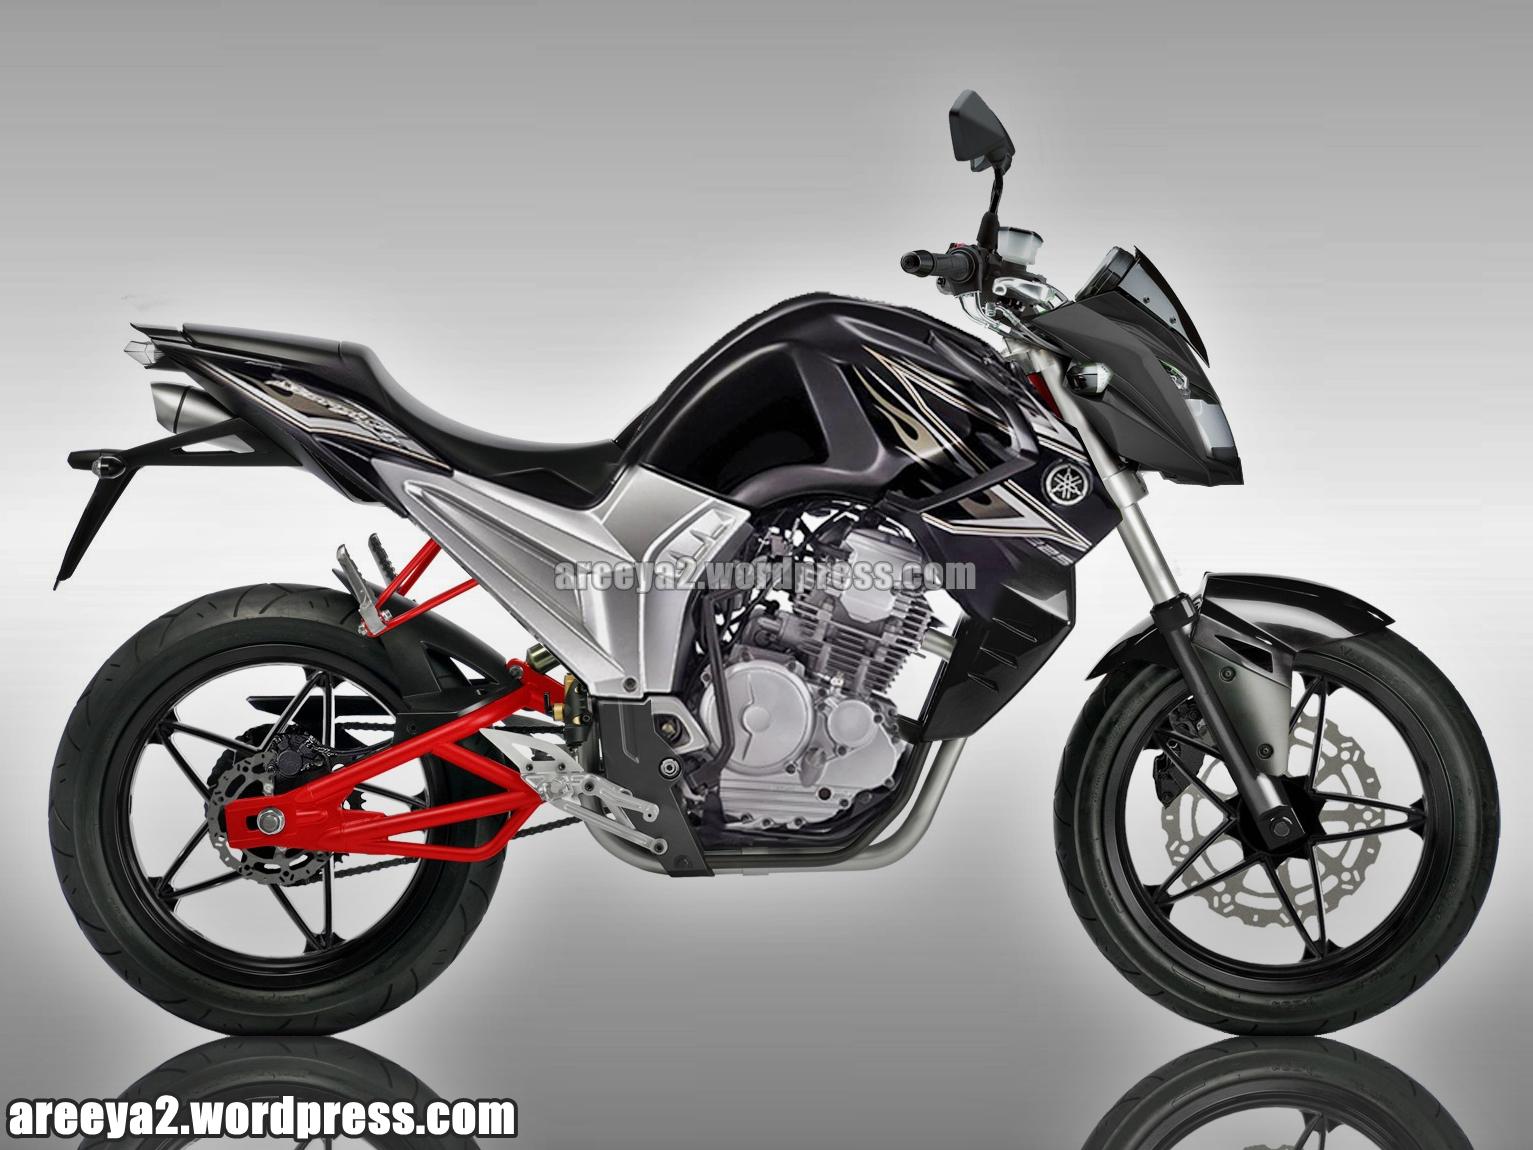 Modif Motor Yamaha Vega New